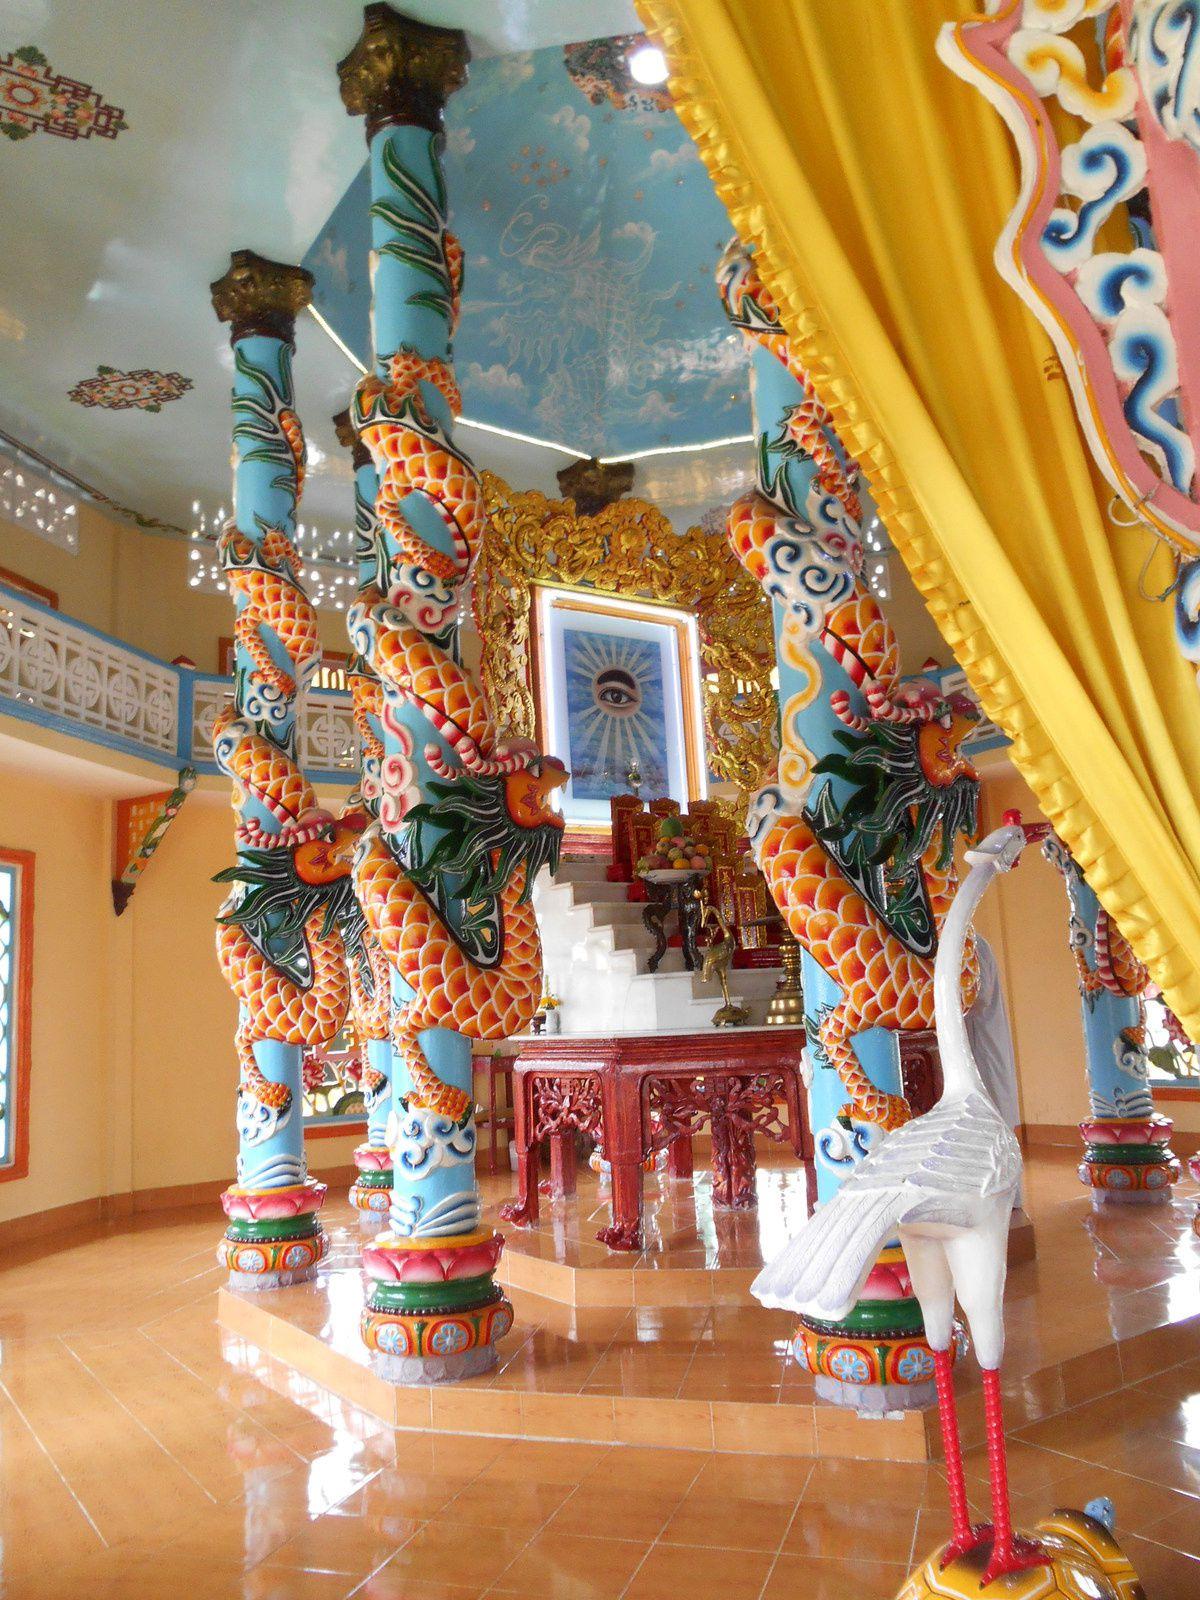 Toujours situé derrière l'autel, l'oeil divin.